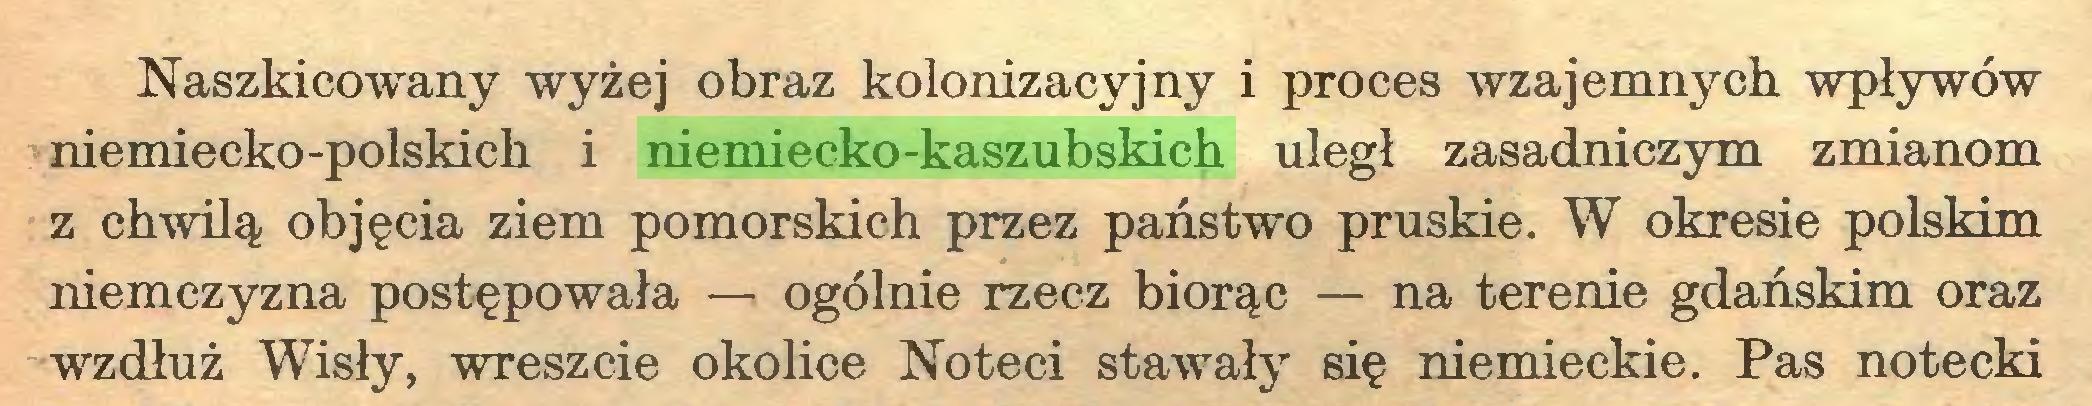 (...) Naszkicowany wyżej obraz kolonizacyjny i proces wzajemnych wpływów niemiecko-polskich i niemiecko-kaszubskich uległ zasadniczym zmianom z chwilą objęcia ziem pomorskich przez państwo pruskie. W okresie polskim niemczyzna postępowała — ogólnie rzecz biorąc — na terenie gdańskim oraz wzdłuż Wisły, wreszcie okolice Noteci stawały się niemieckie. Pas notecki...